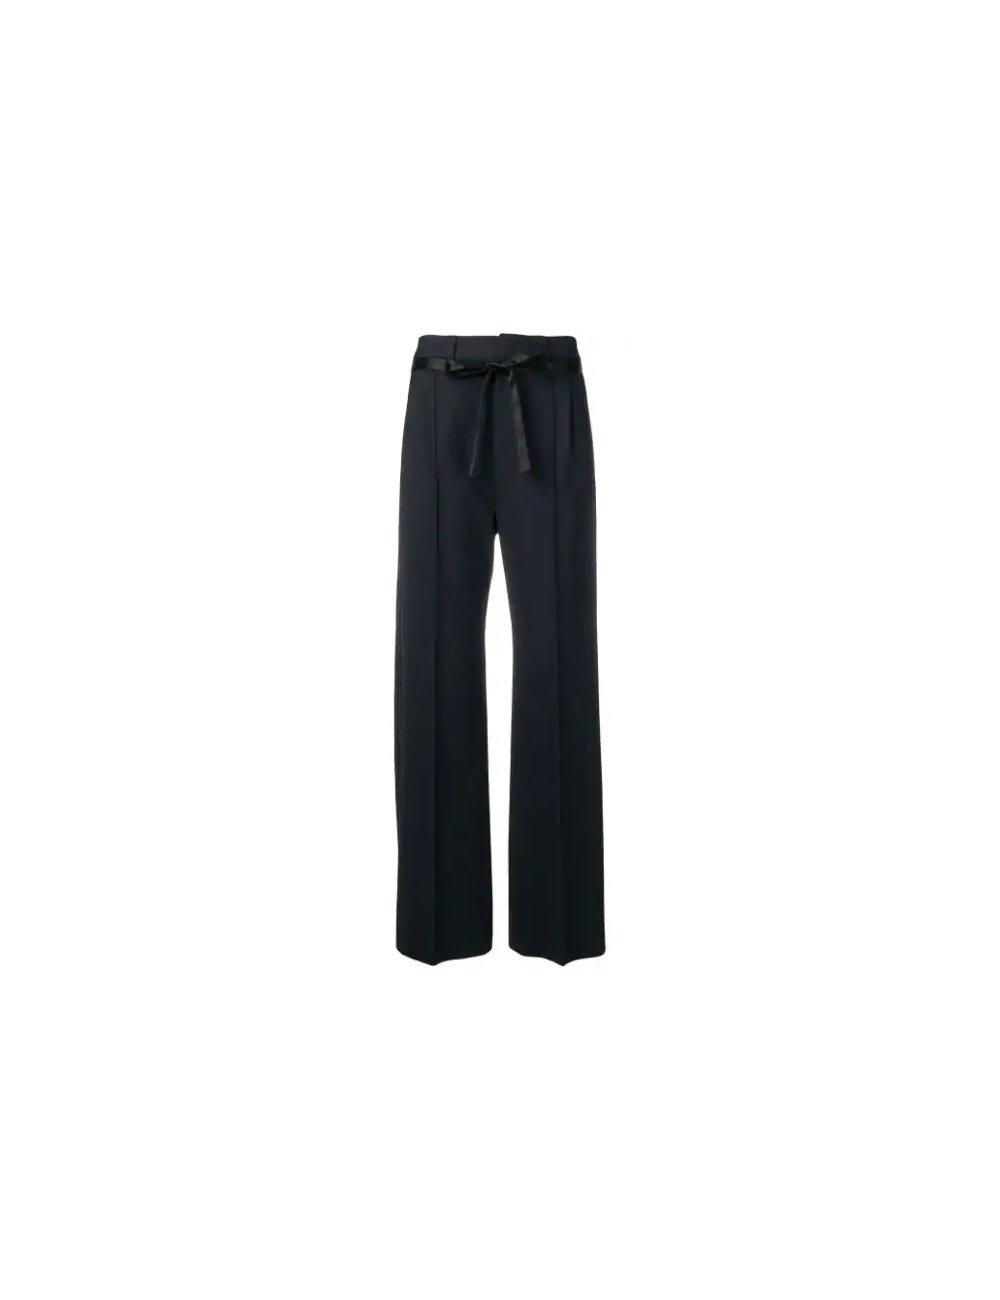 Pantalon flare Brunello Cucinelli - BIG BOSS MEGEVE